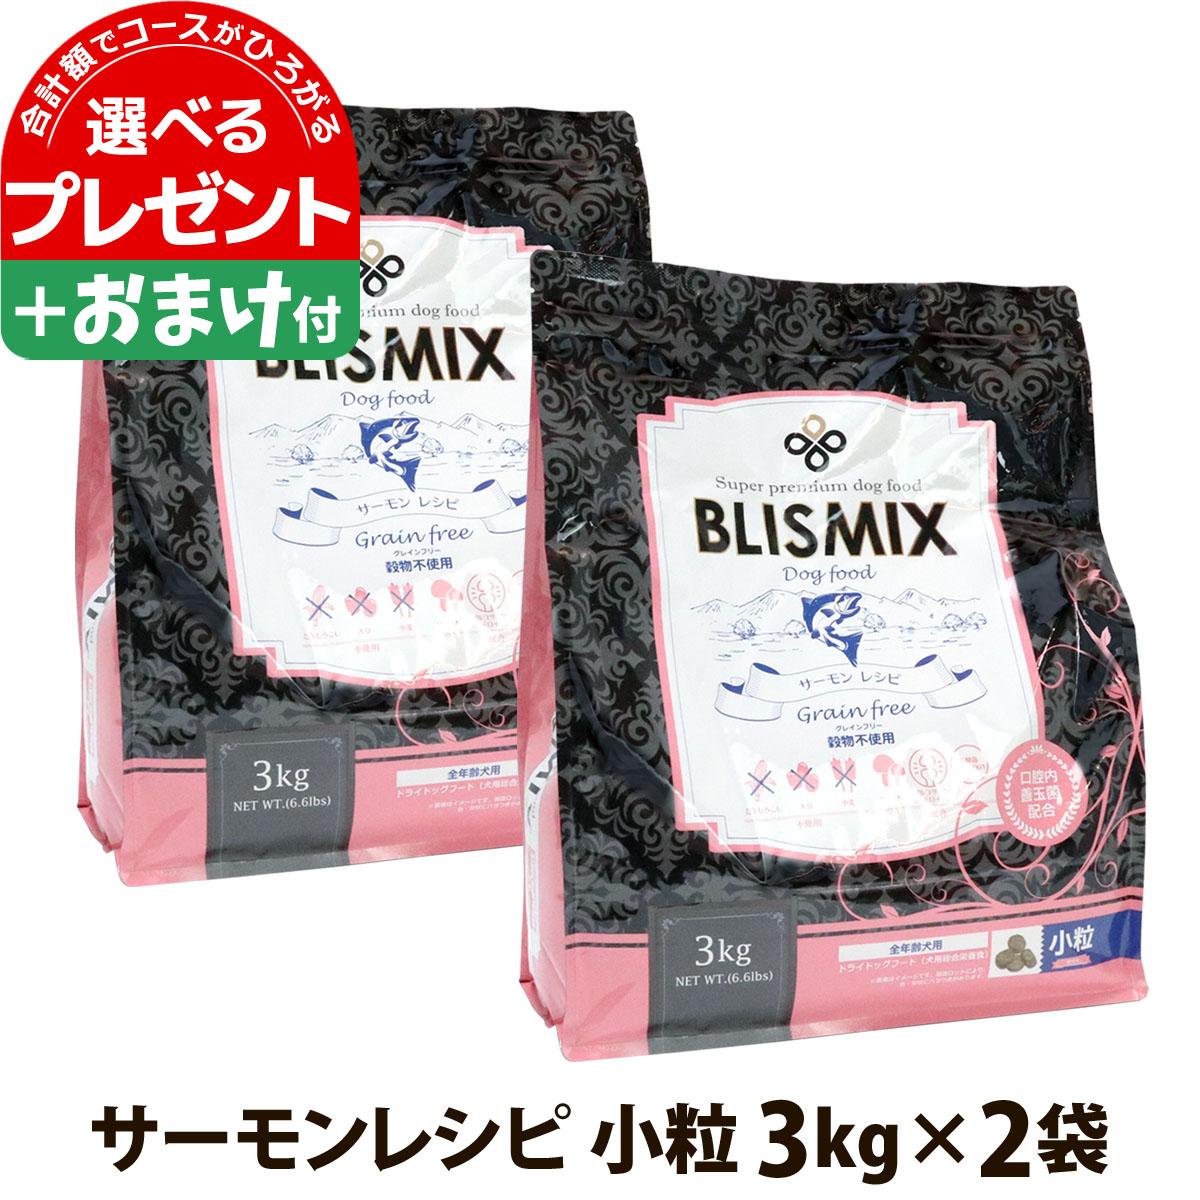 ブリスミックスグレインフリー サーモン小粒3kg×2個+乳酸菌おやつ1個